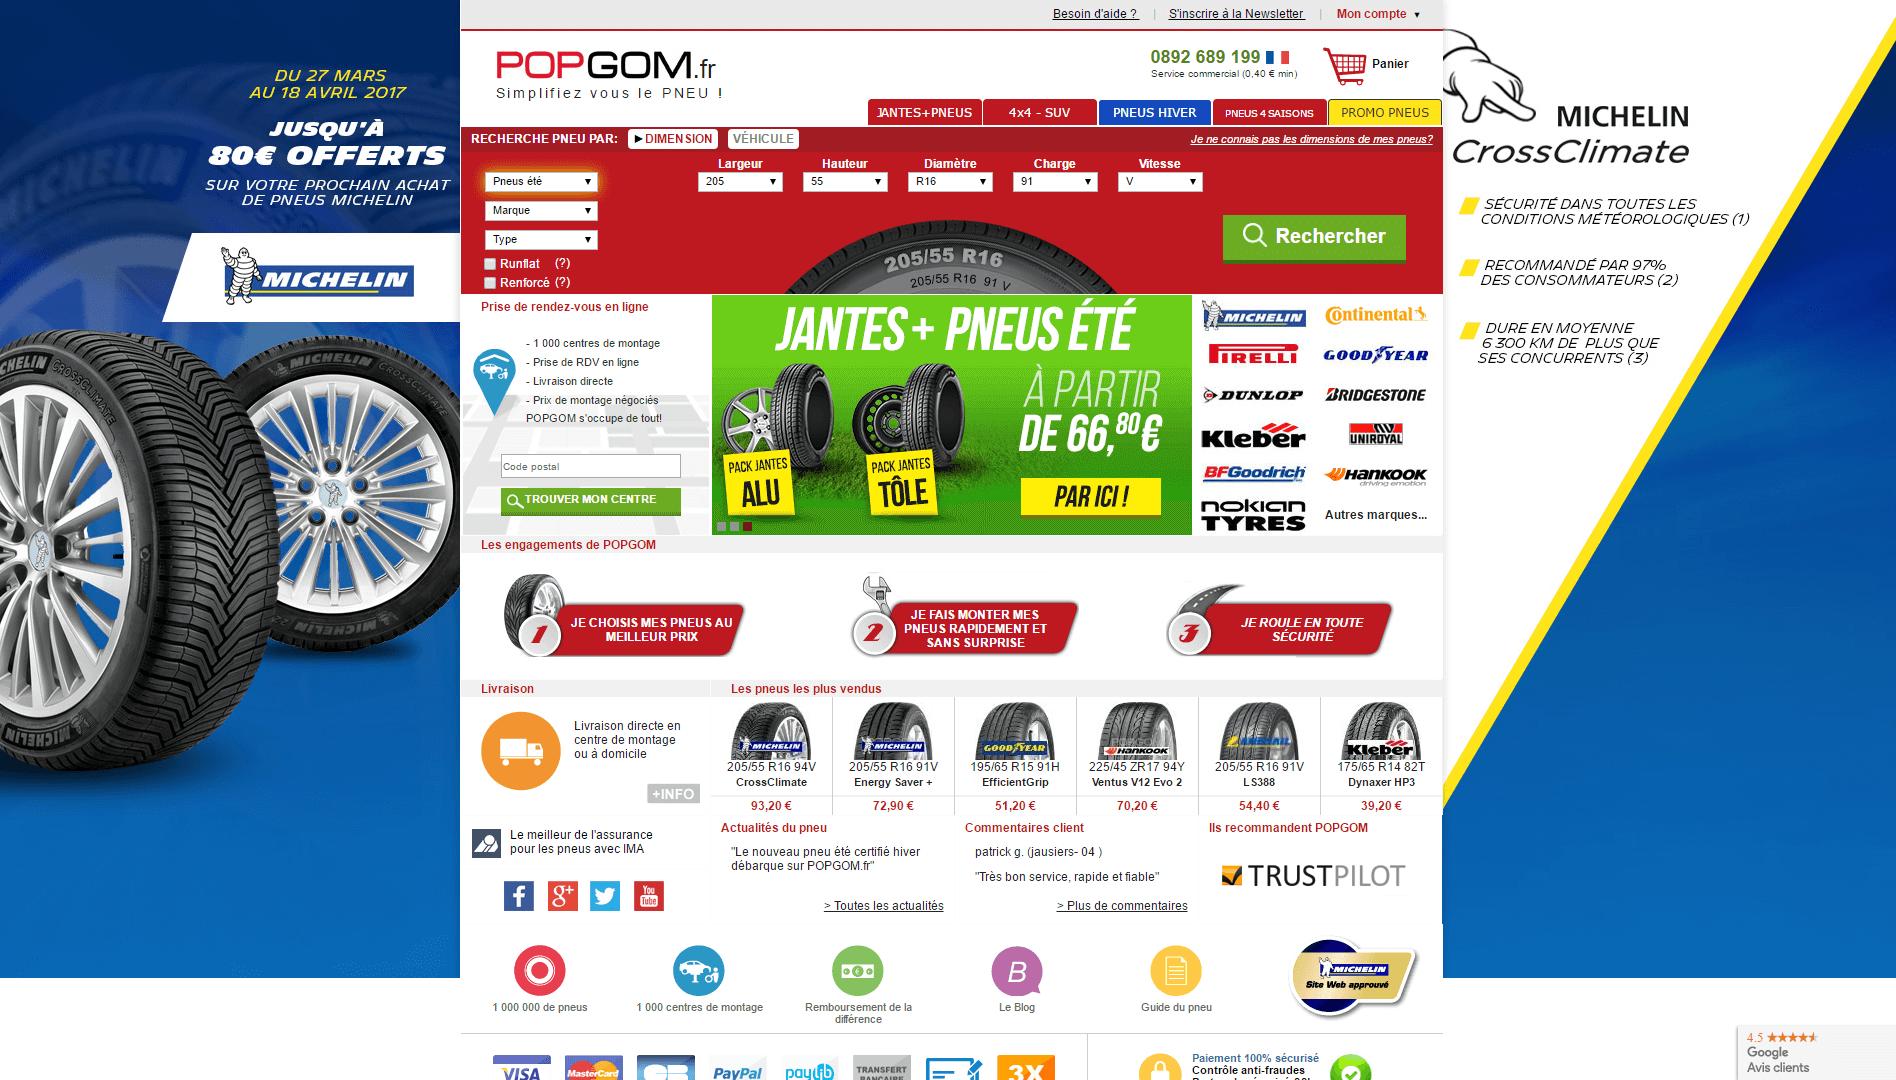 Page d'accueil du site Popgom.